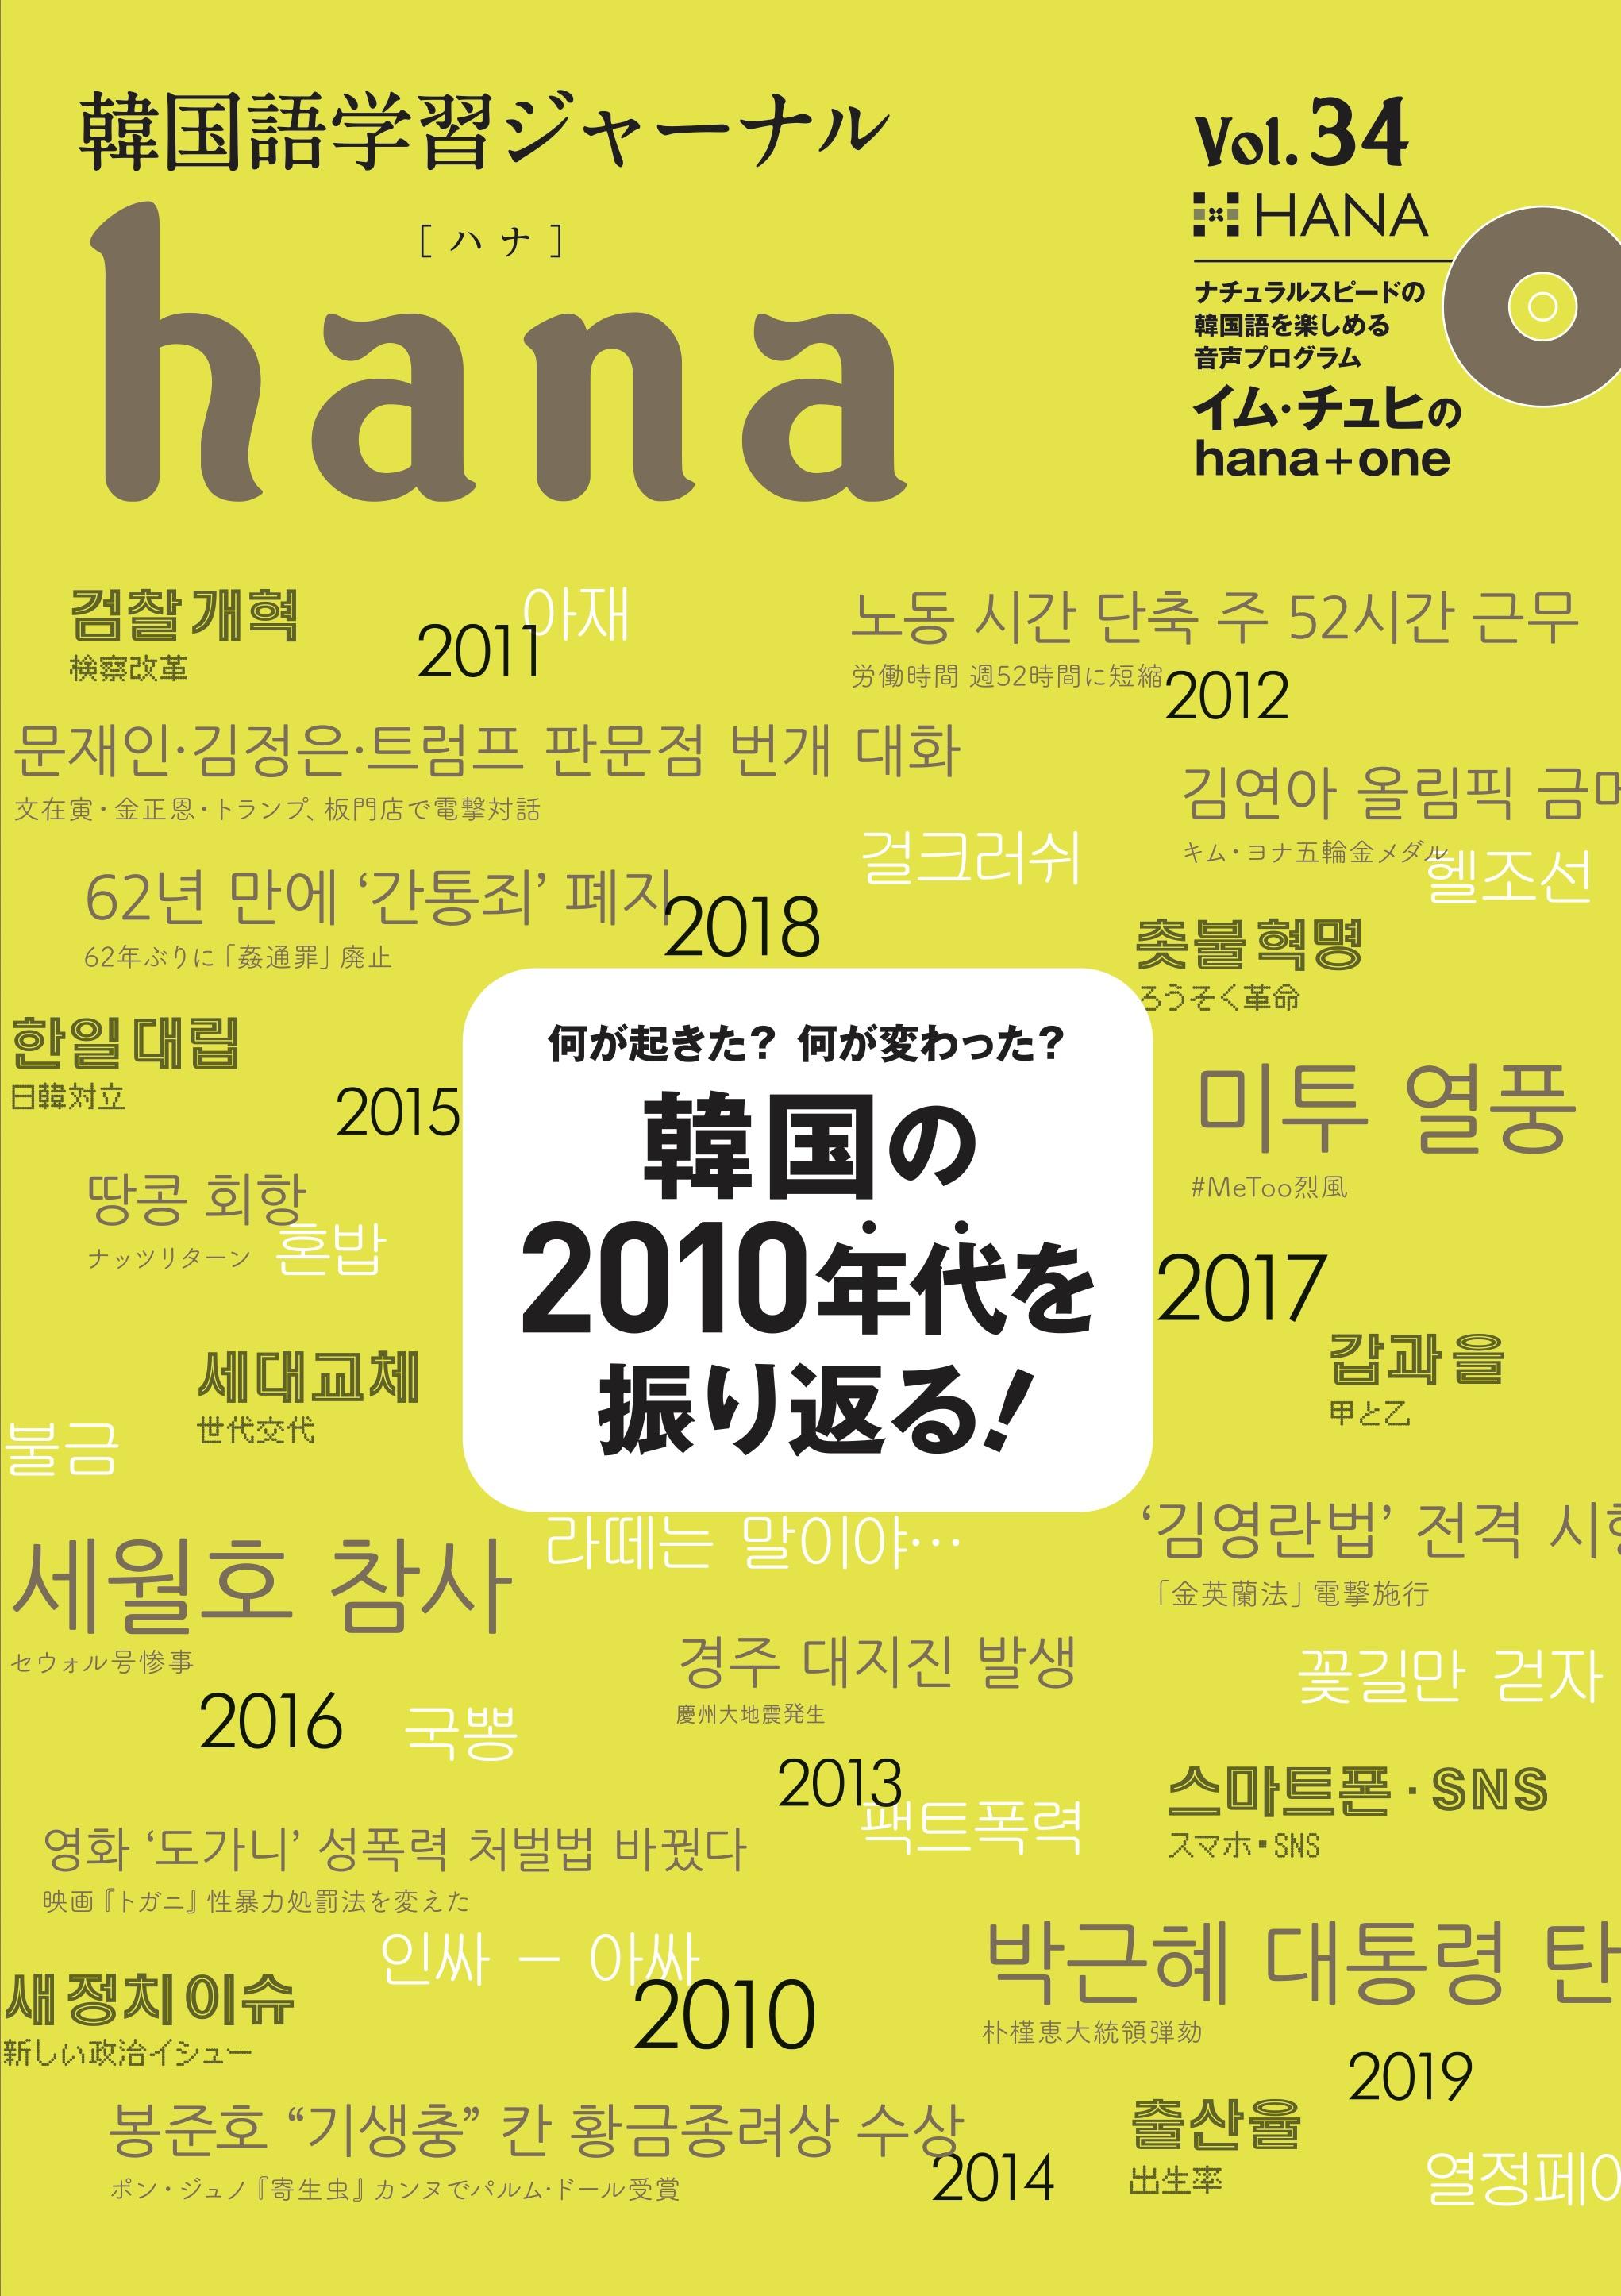 『韓国語学習ジャーナルhana Vol. 34』のイメージ